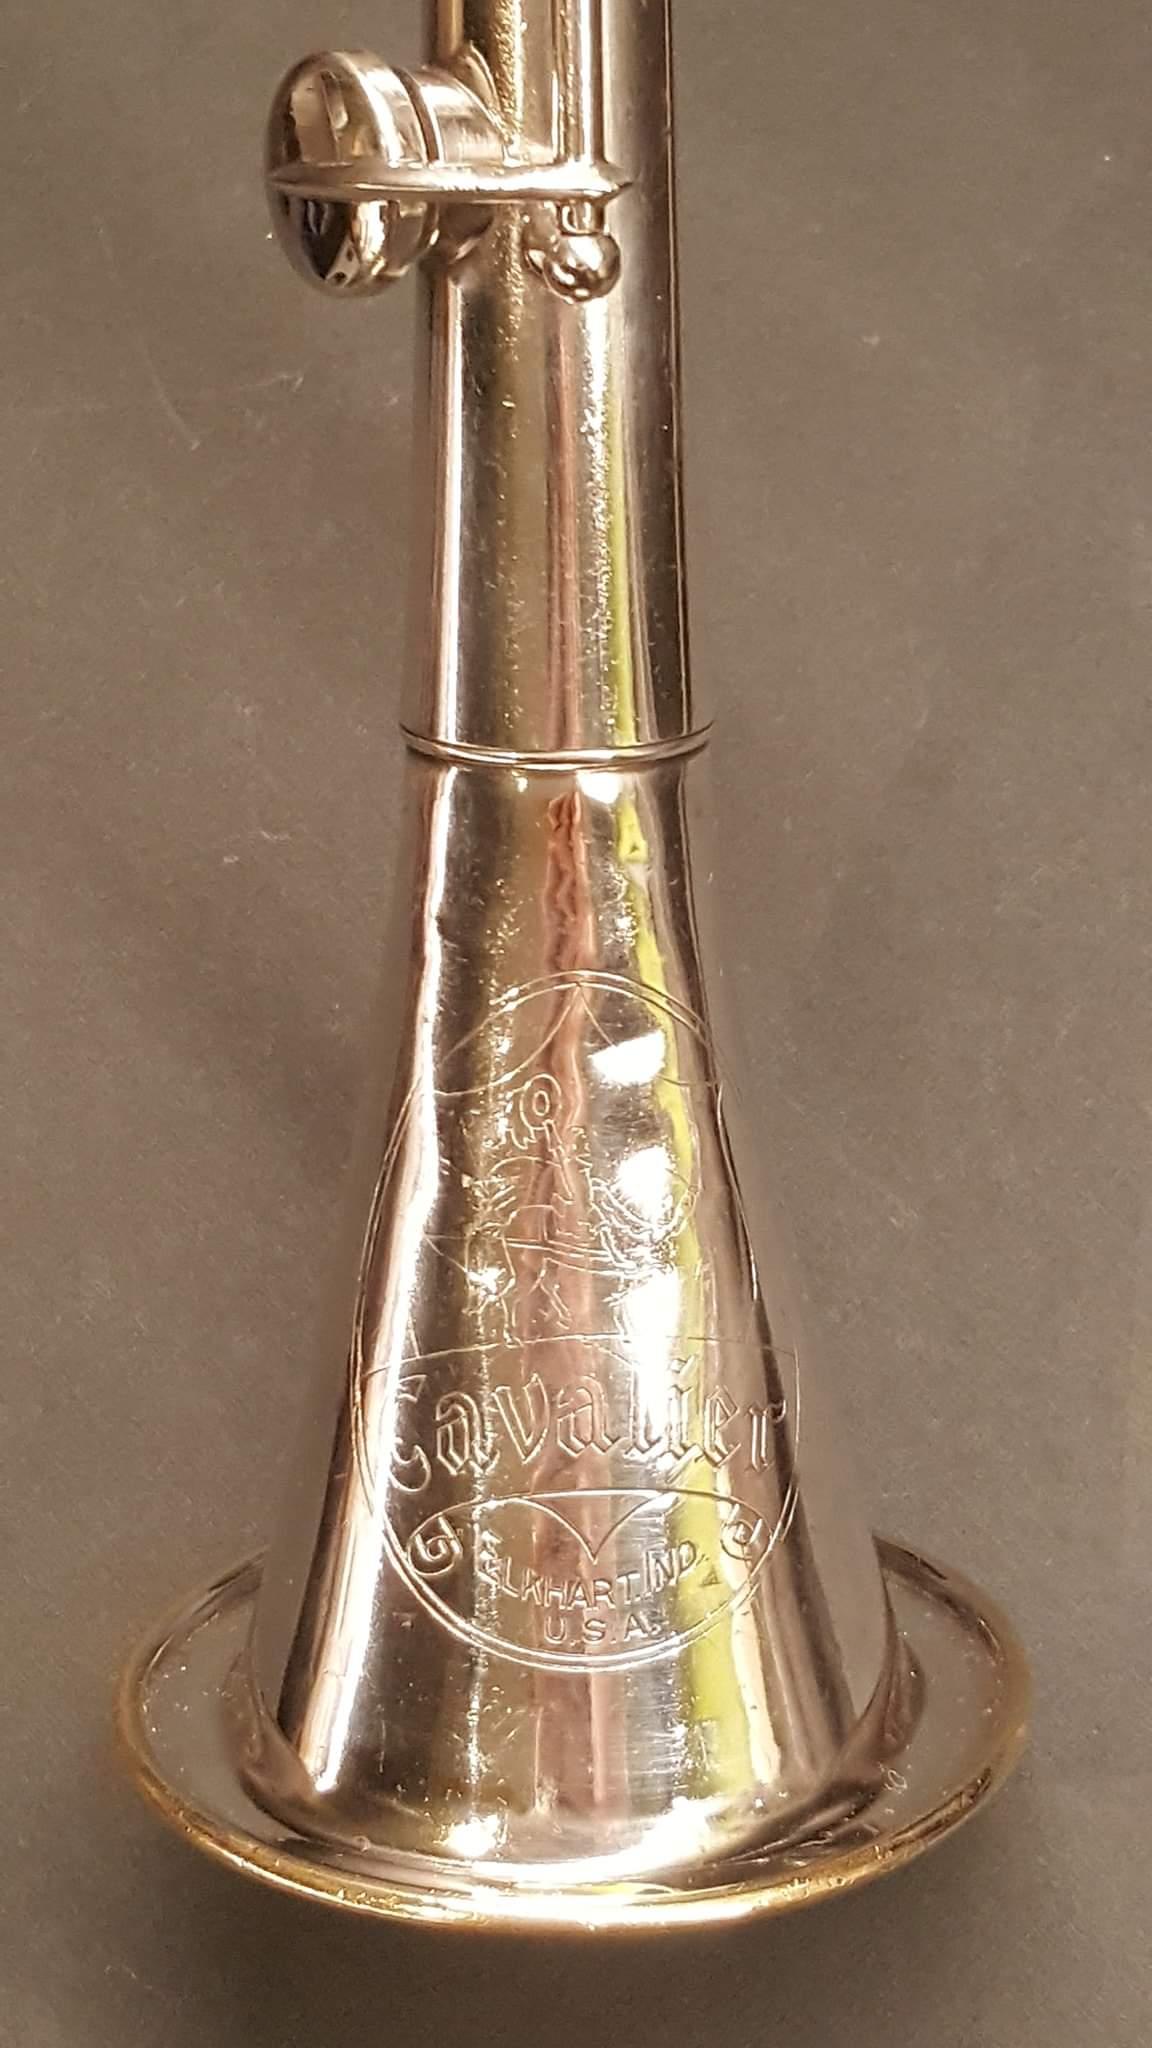 Cavalier logo on bell